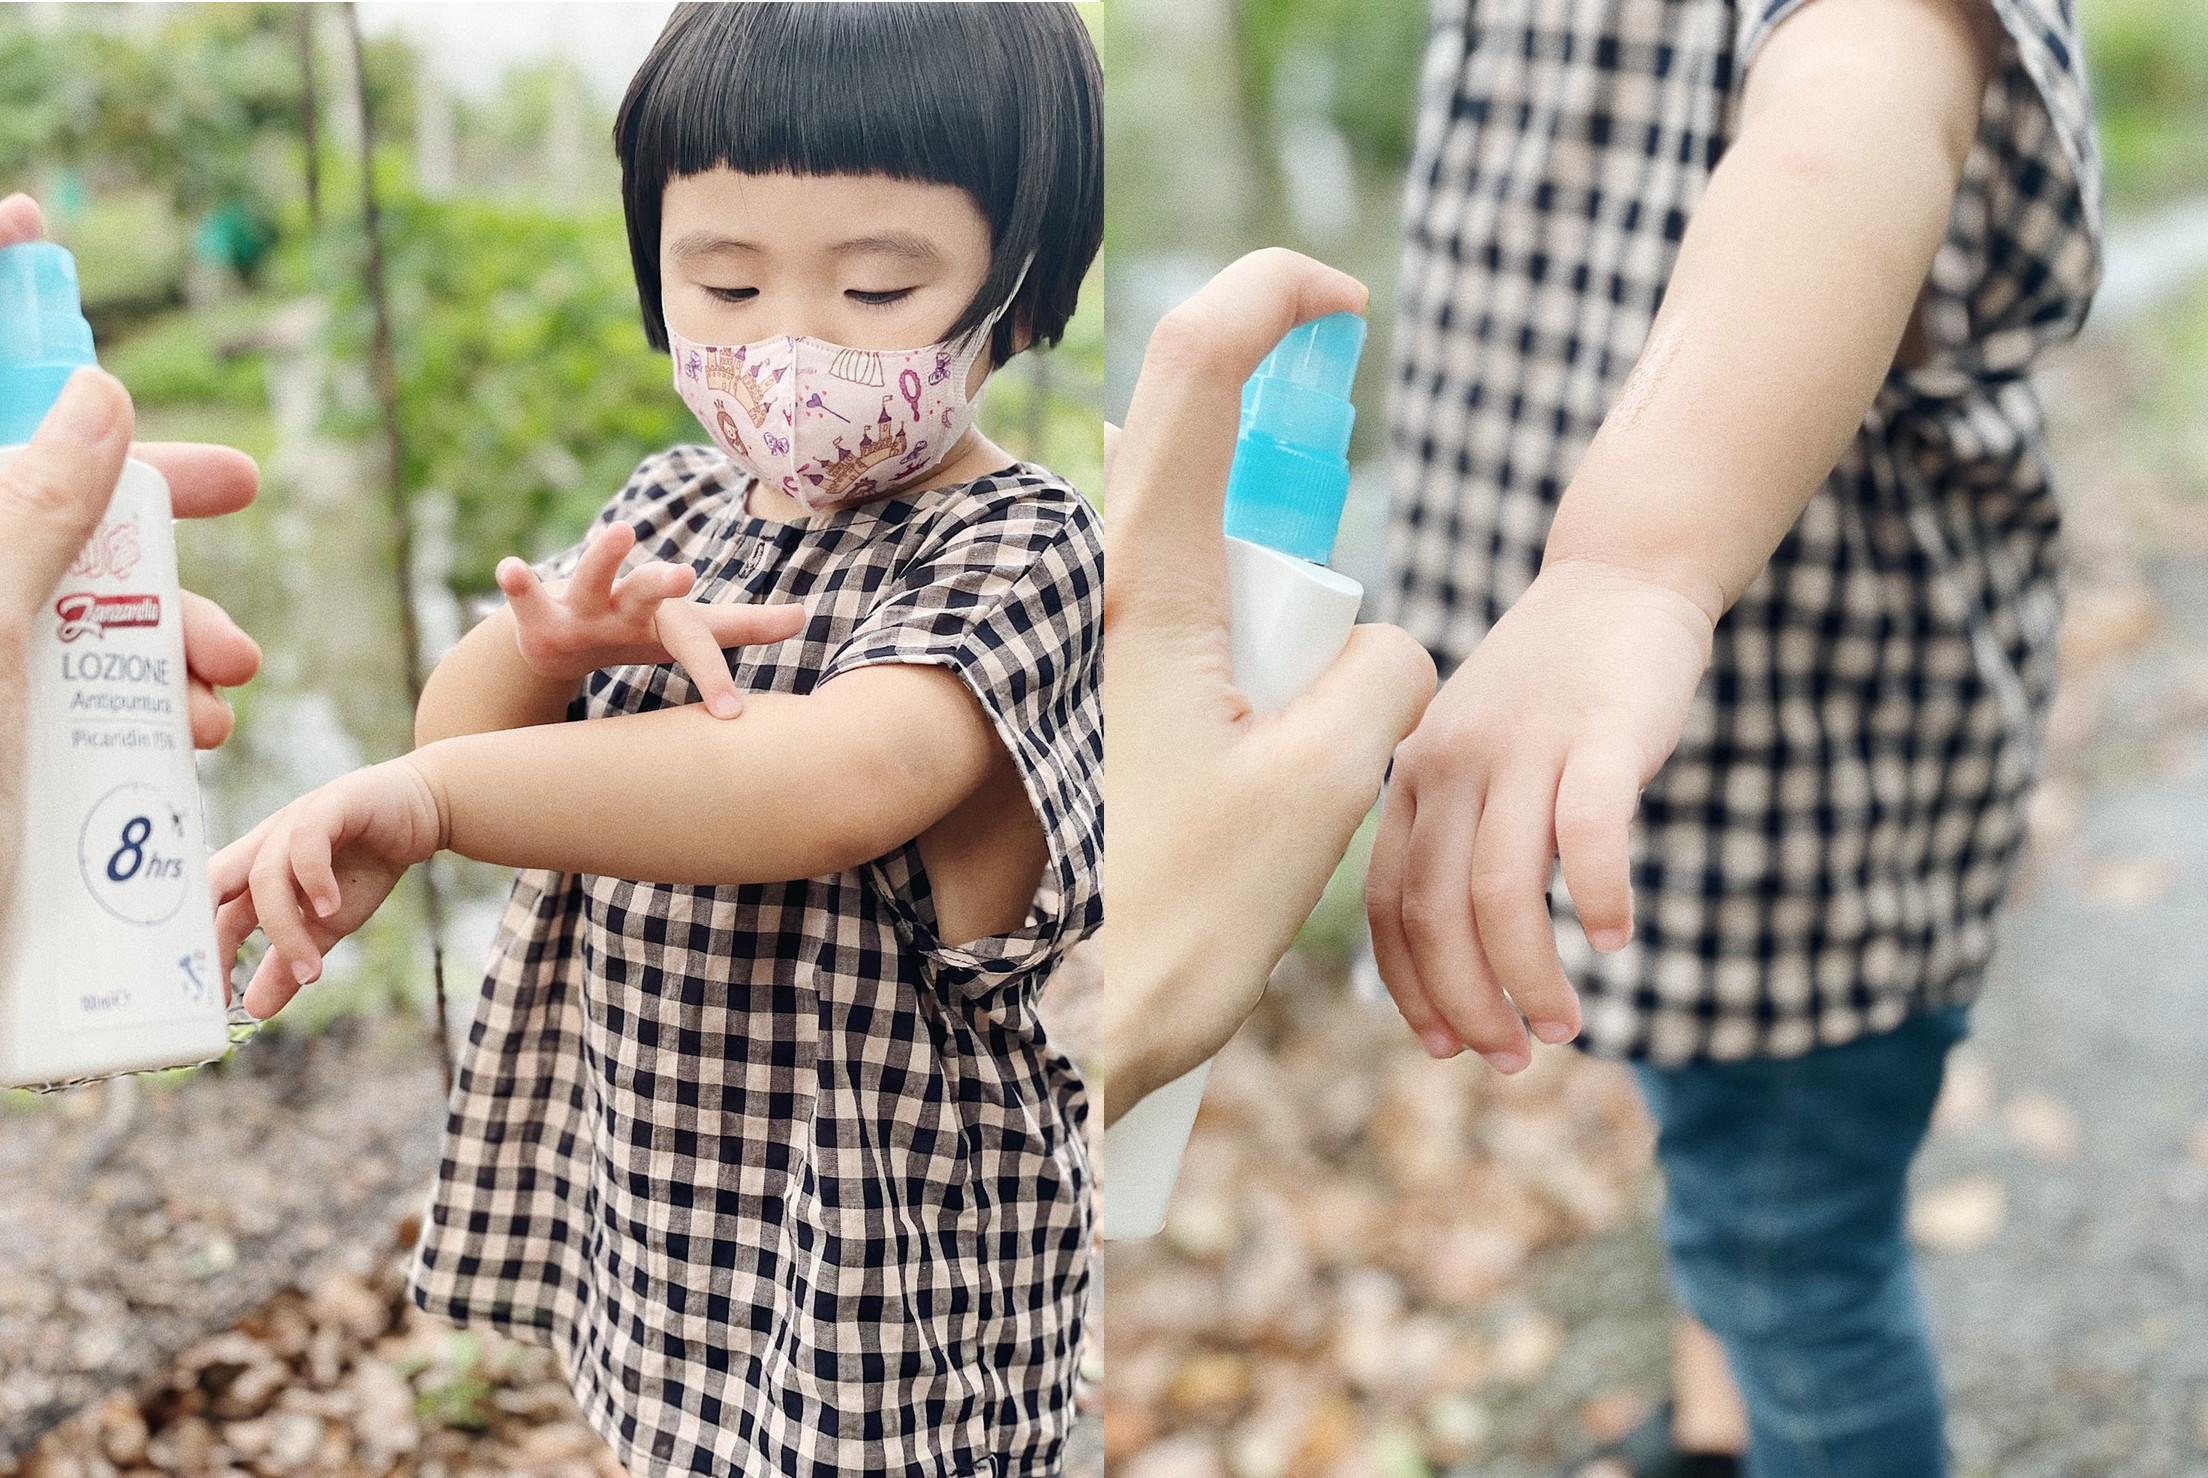 不只要「有效」更要「長效」!叮寧派卡瑞丁防蚊液是守護寶貝的最佳首選